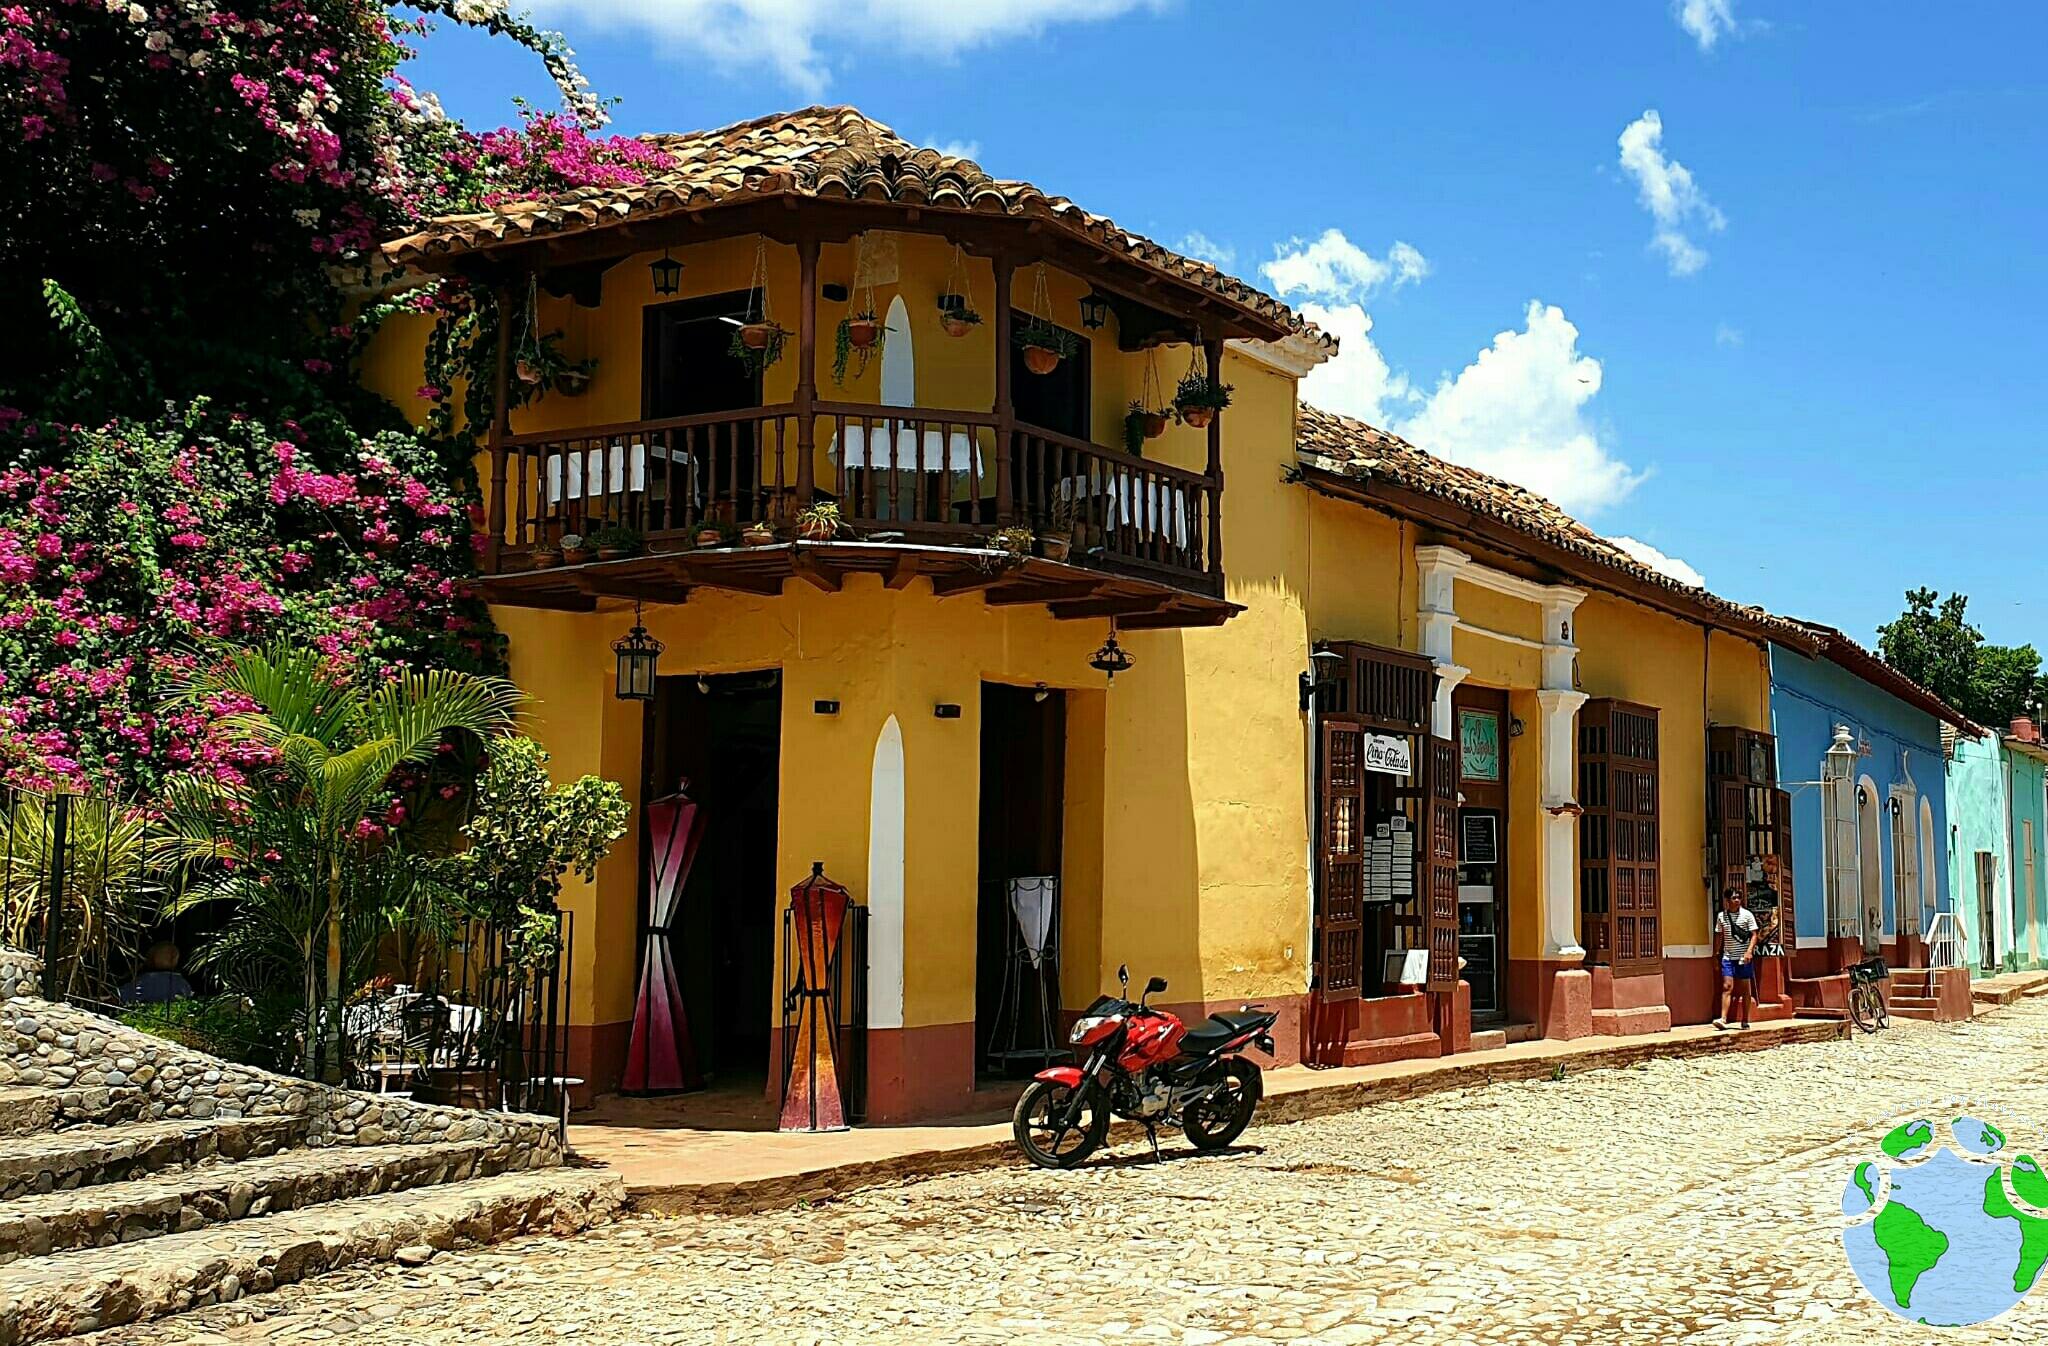 centro histórico trinidad cuba